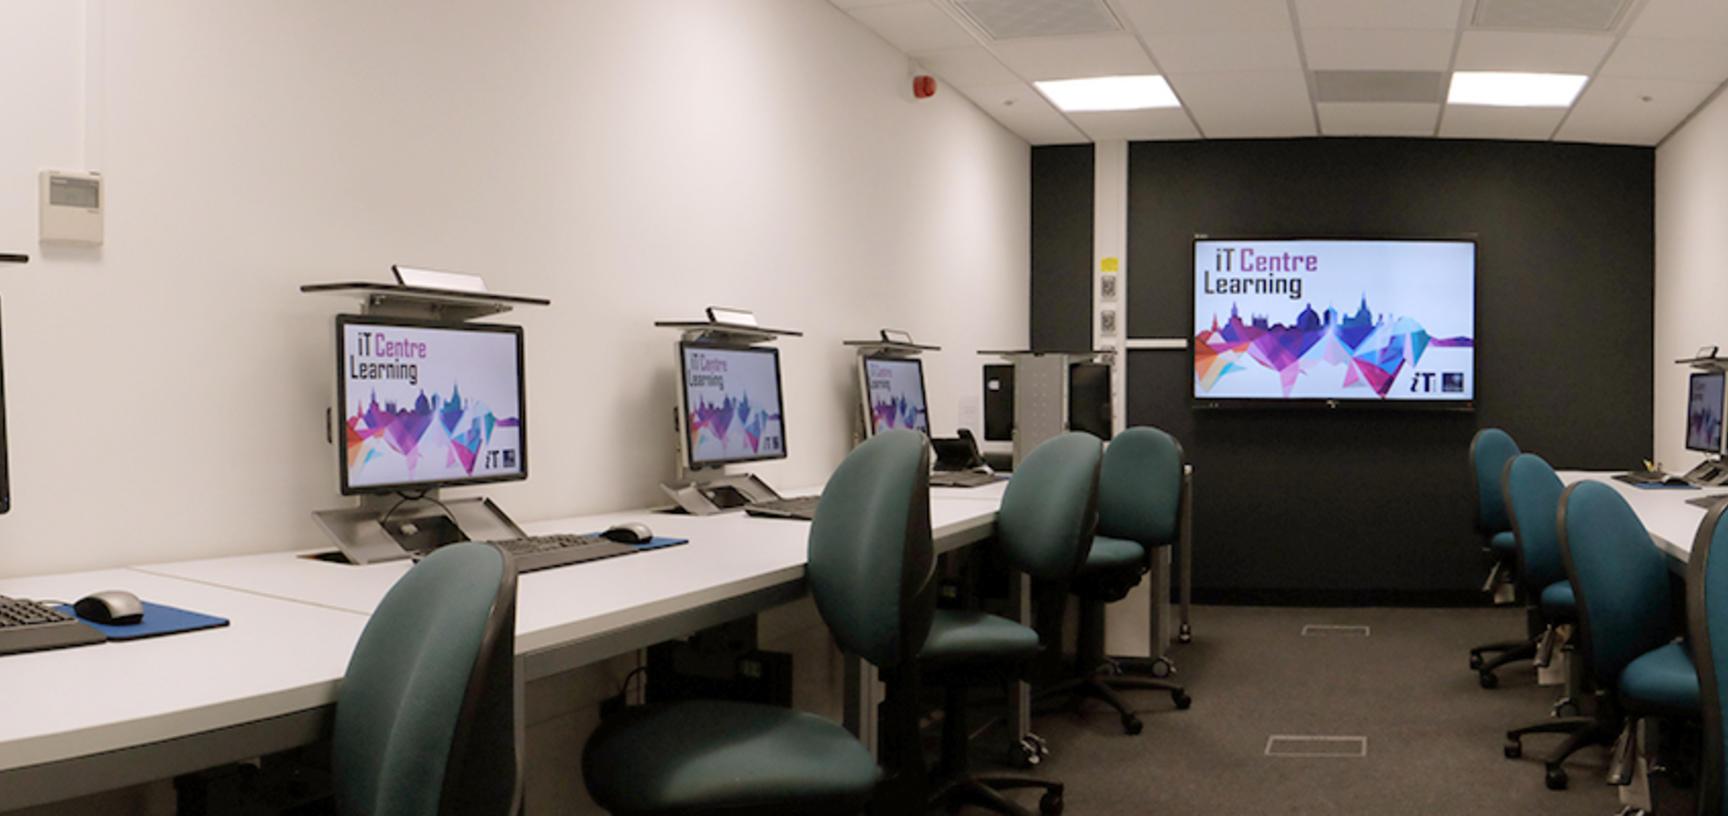 IT Learning Centre Ock room